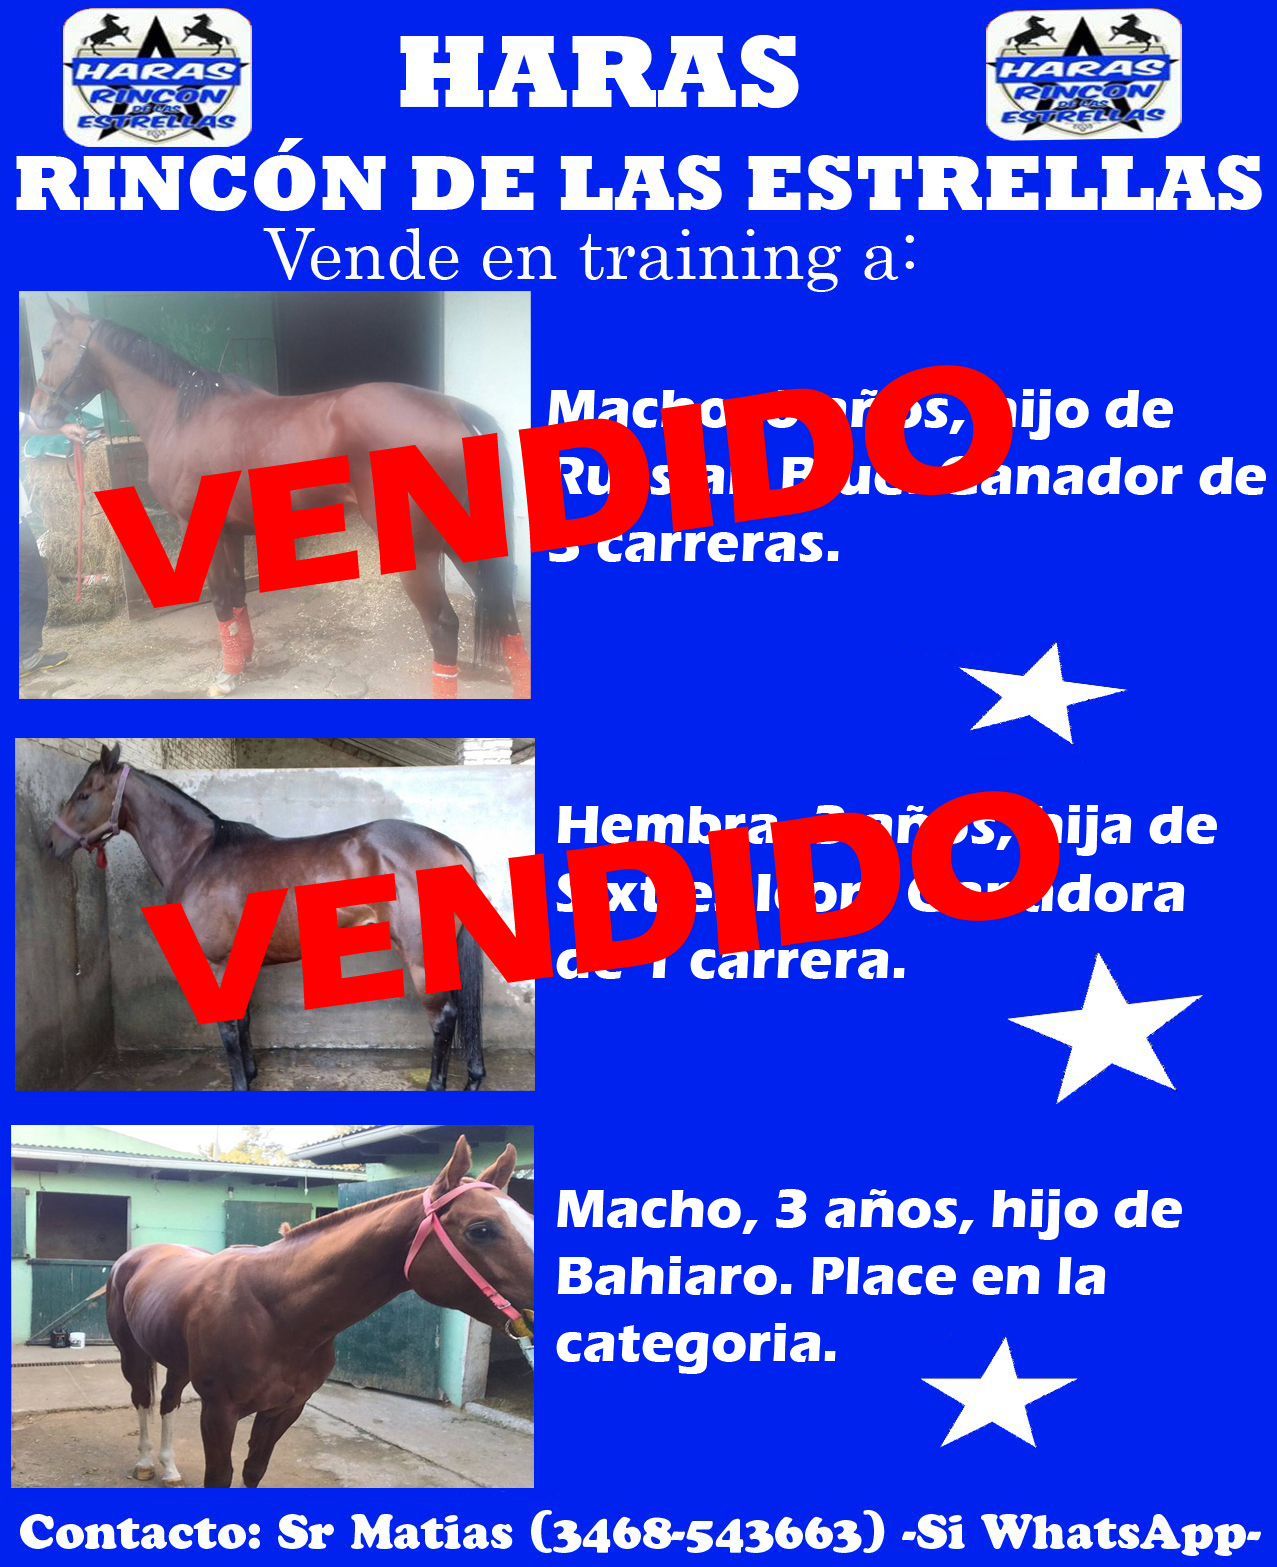 HS RINCON DE LAS ESTRELLAS